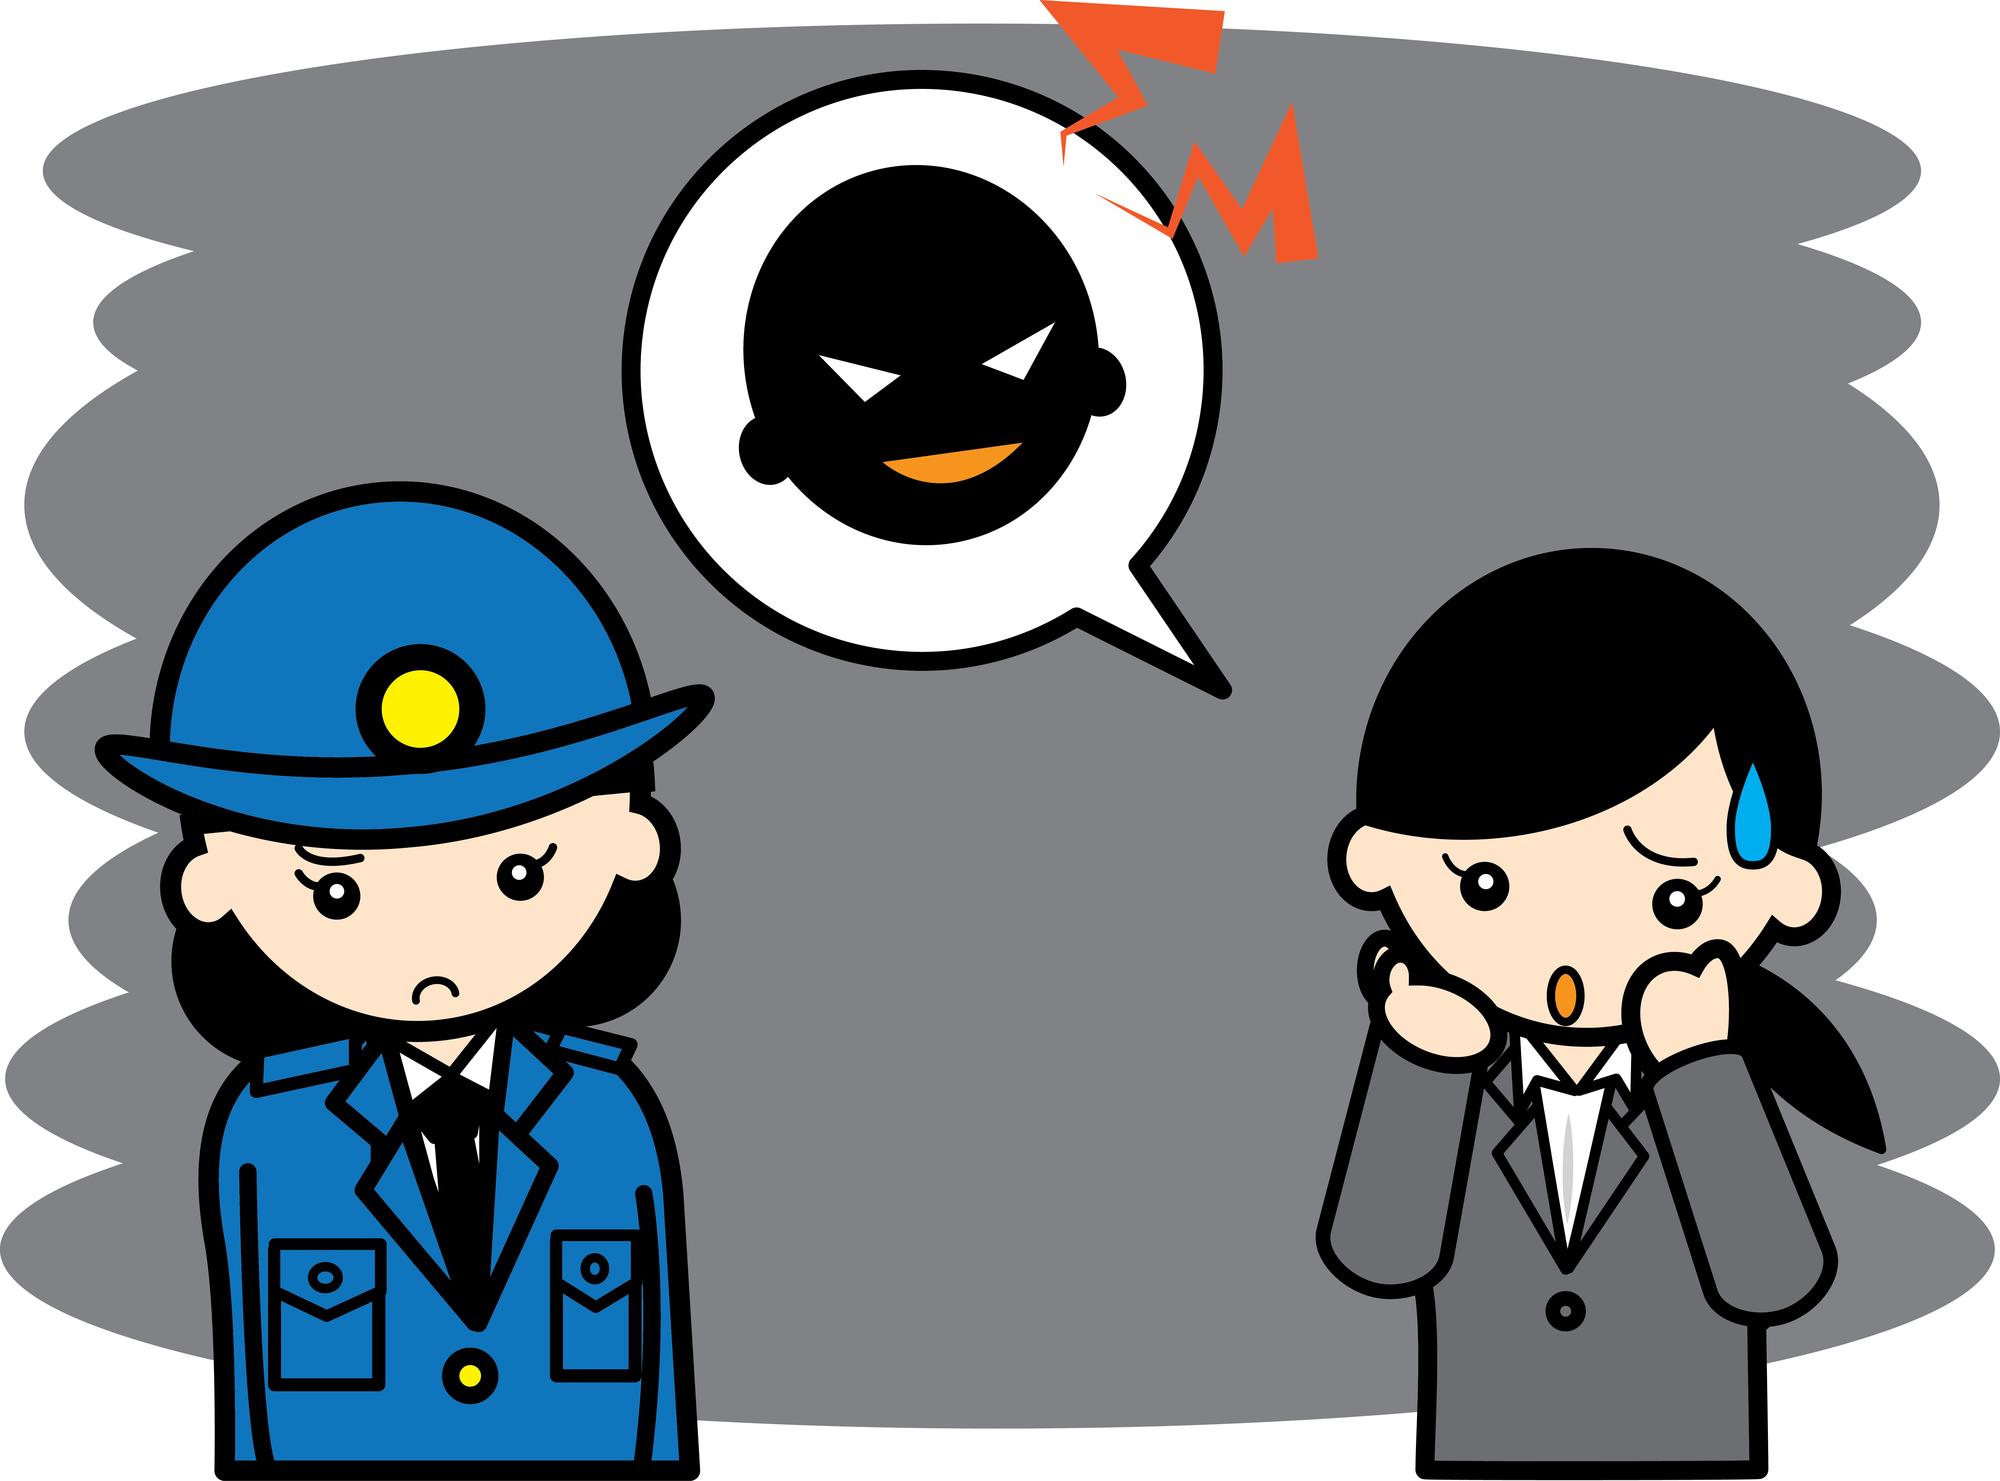 ストーカーに女性の住所を教える。ストーカー行為を手助し仙台の探偵業の男逮捕